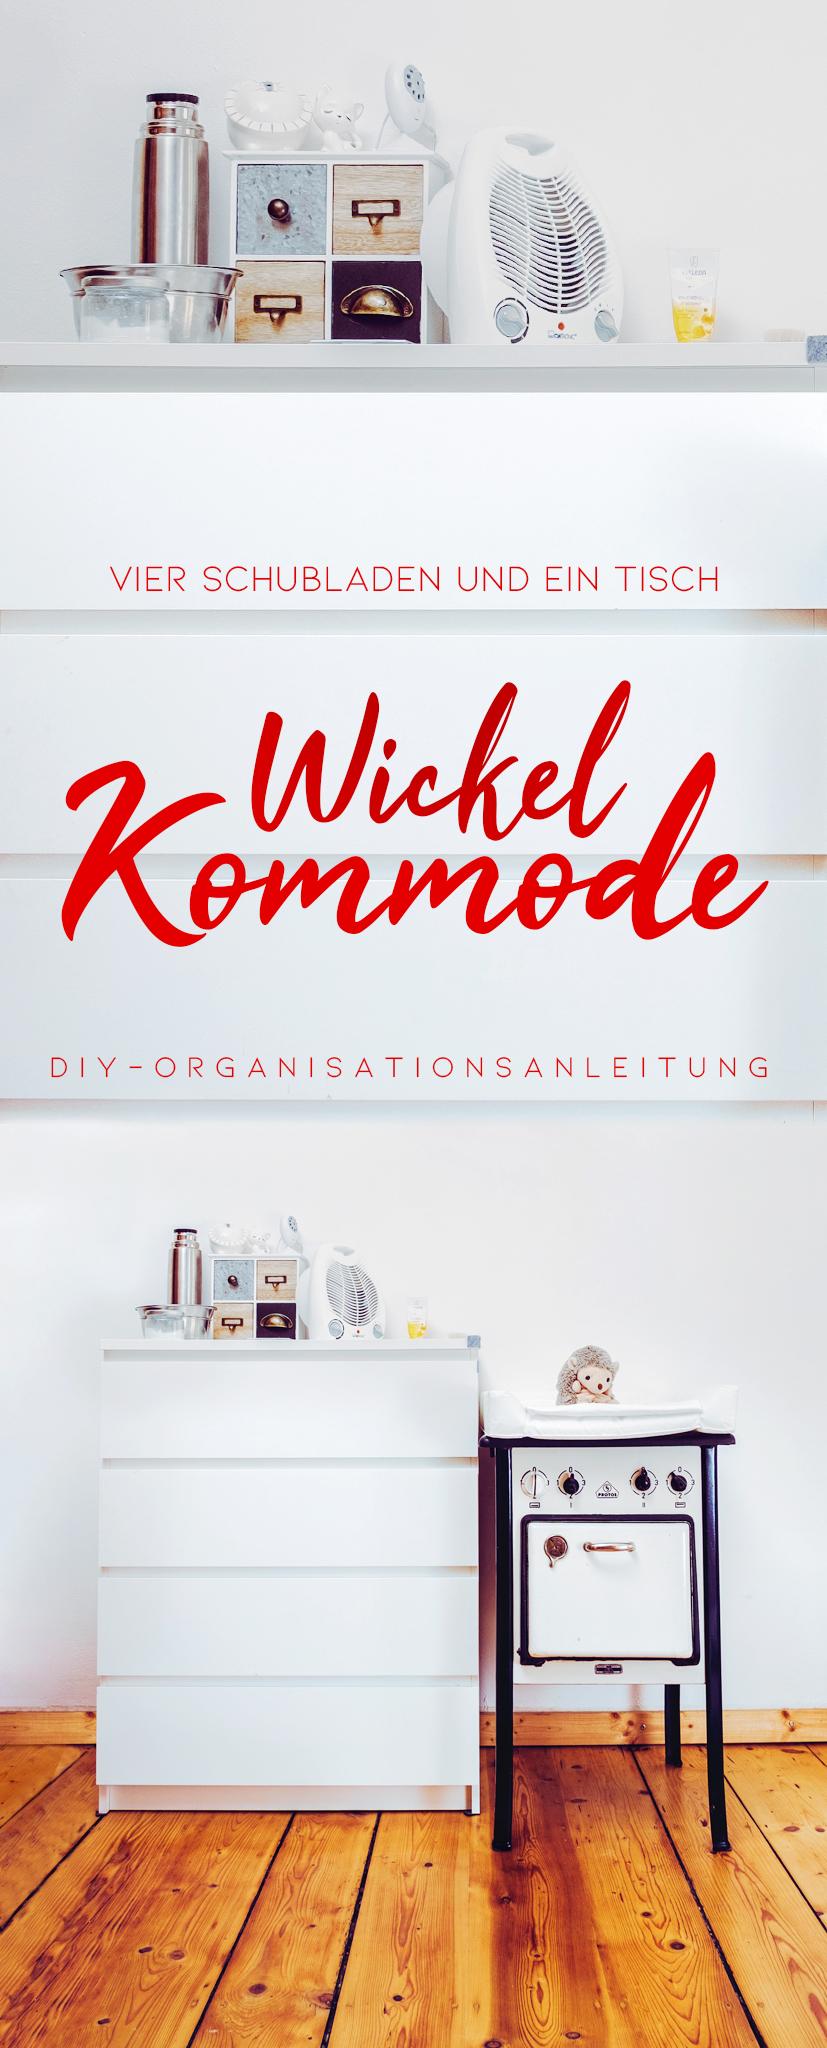 Banner Kommode final